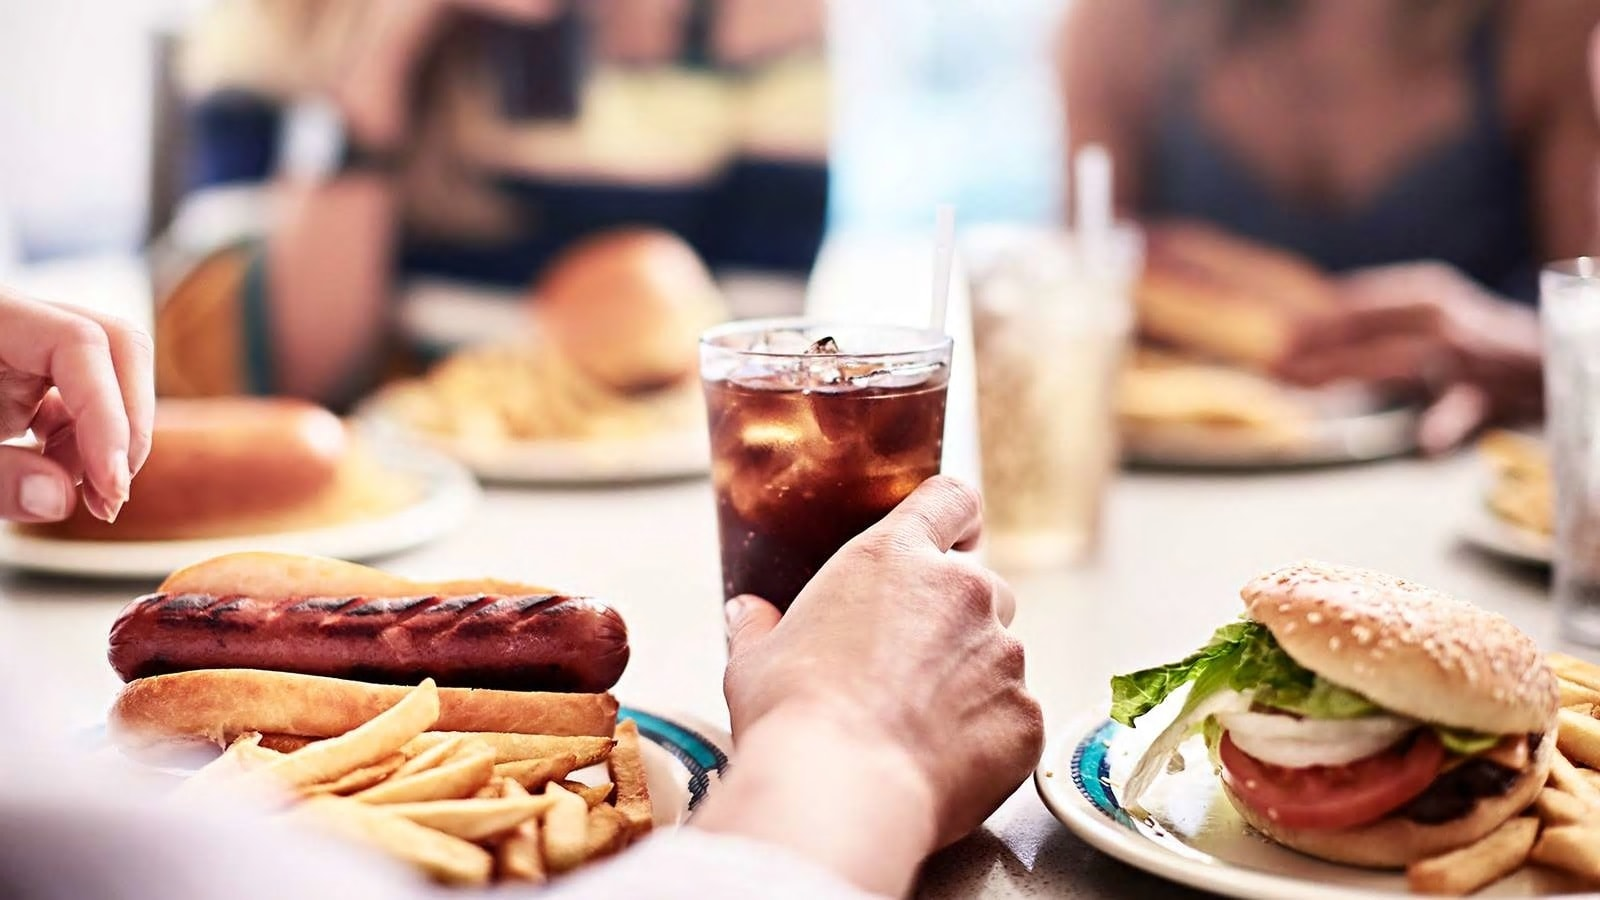 三叉戟烧烤店 Trident Grill